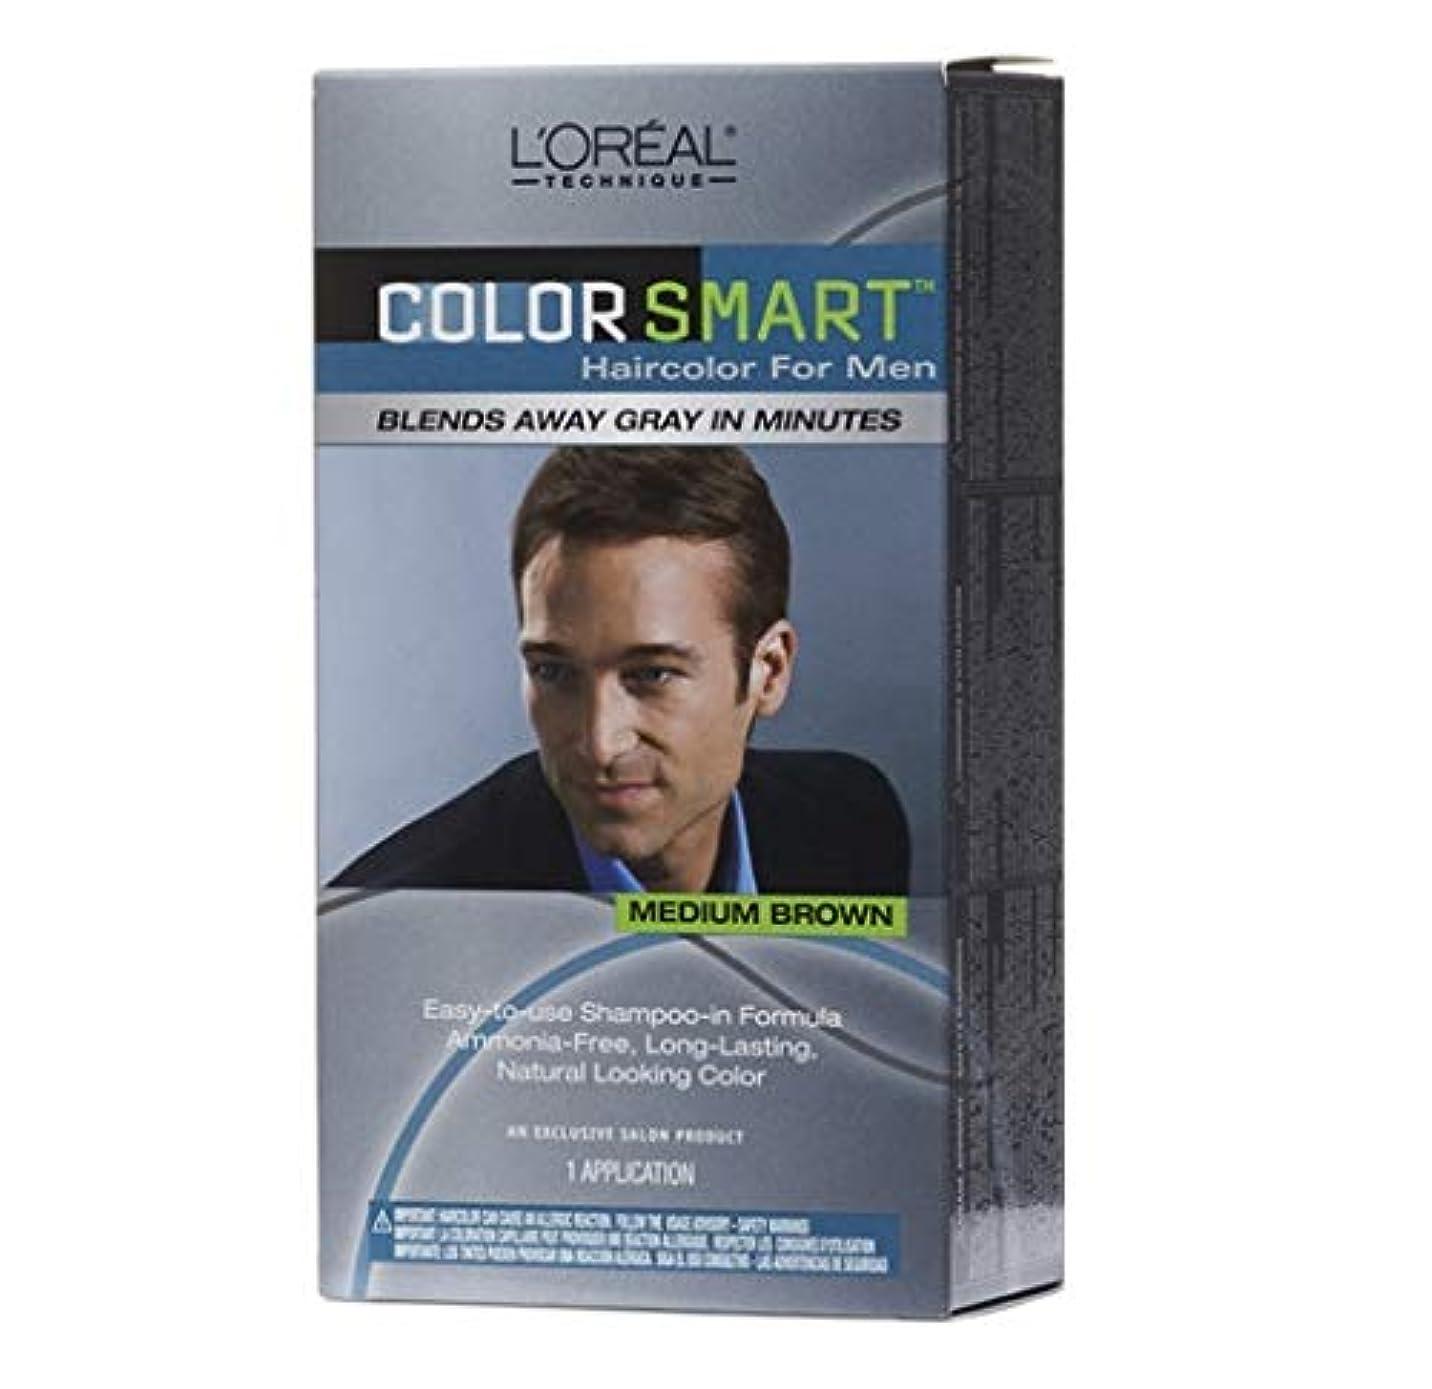 熟考する砂計算可能L'Oreal Technique - Color Smart for Men - Medium Brown KIT